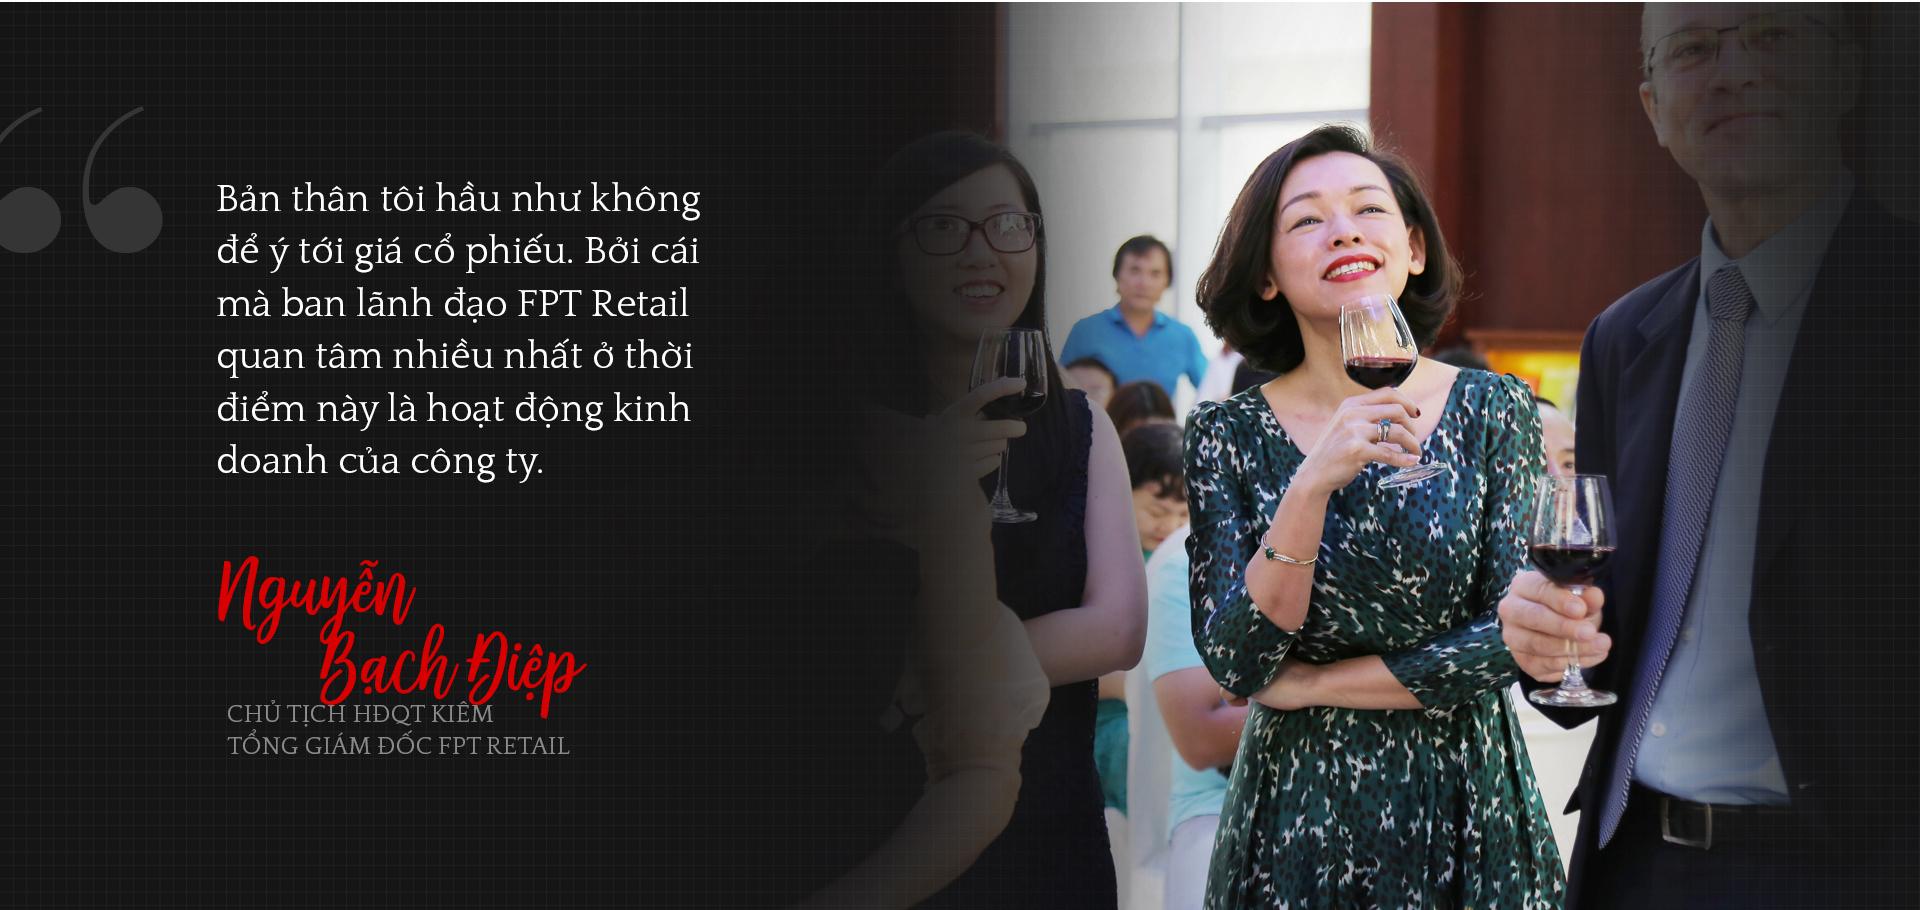 Tháng năm rực rỡ của người đàn bà quyền lực nhất thị trường bán lẻ công nghệ Việt Nam 6